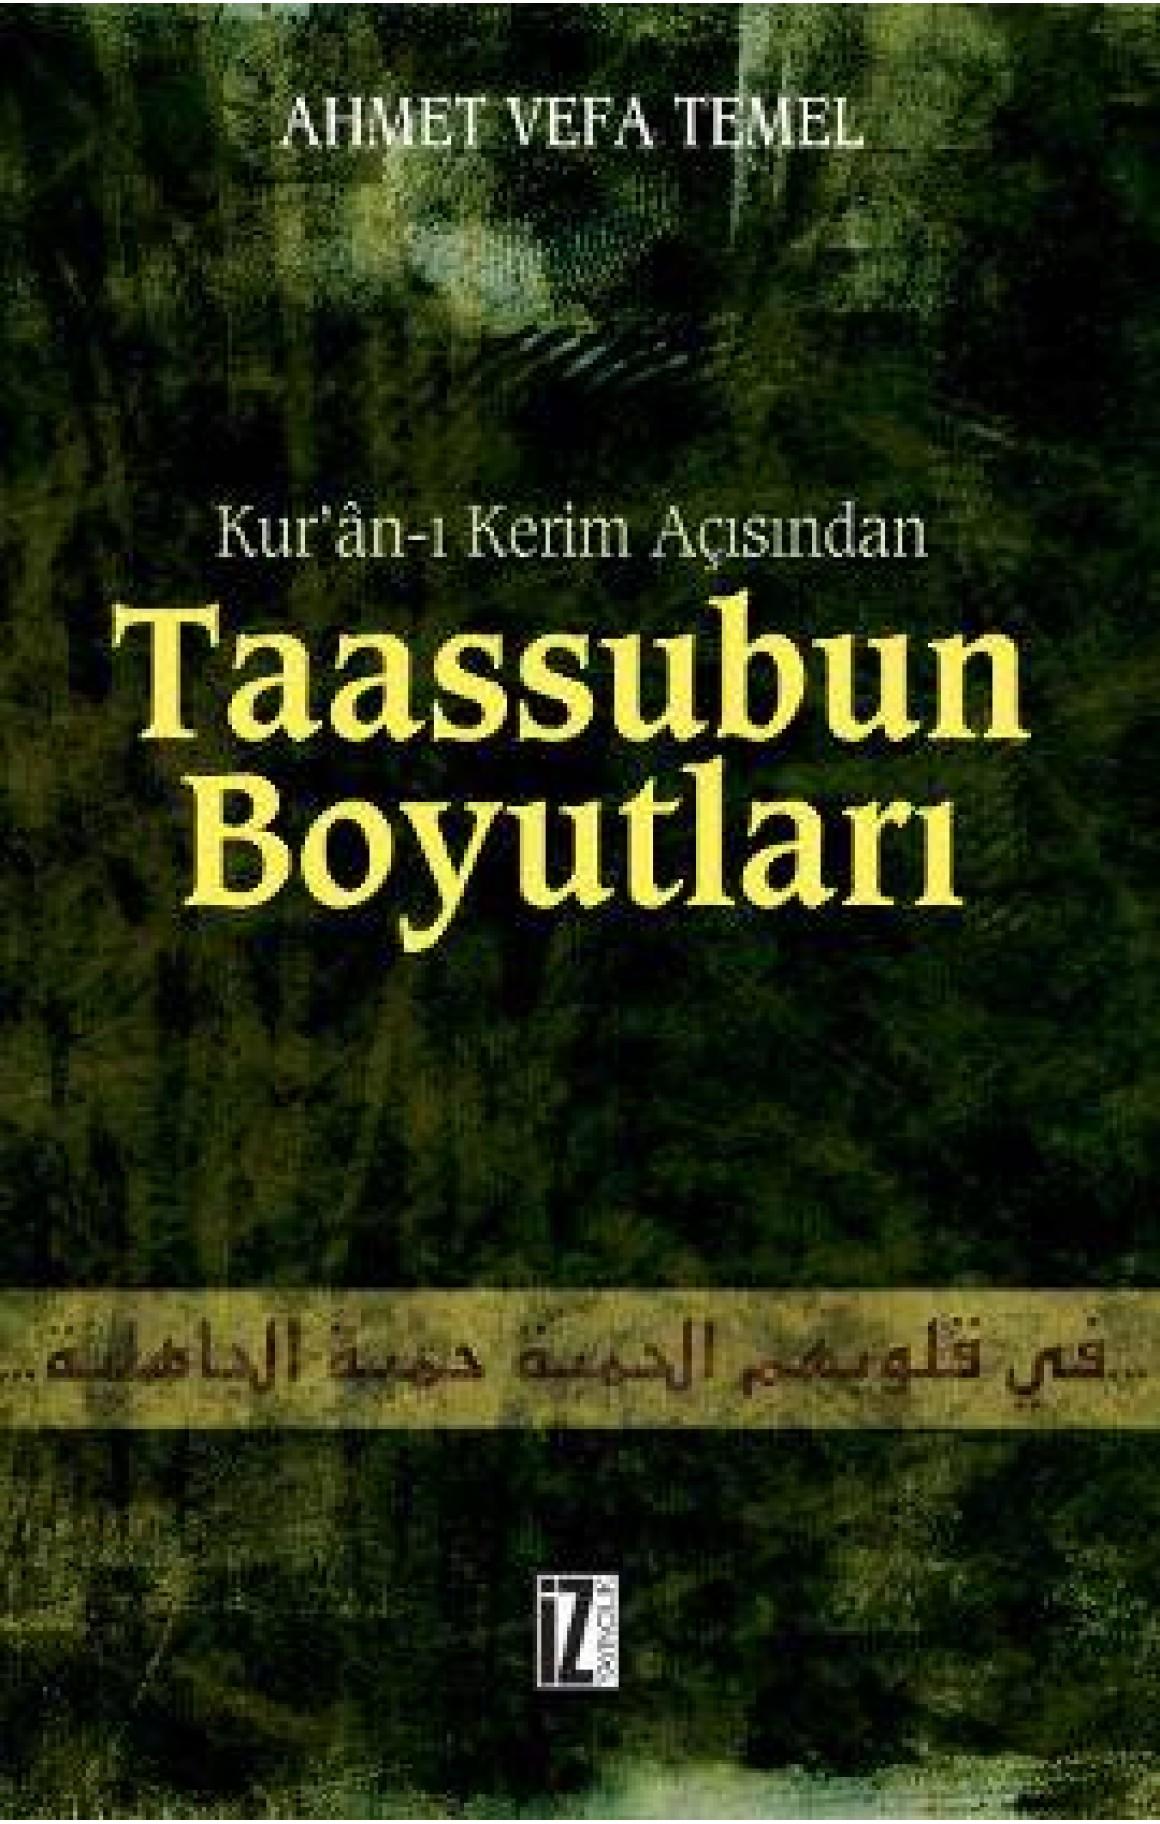 Kur'an-ı Kerim Açısından Taassubun Boyutları